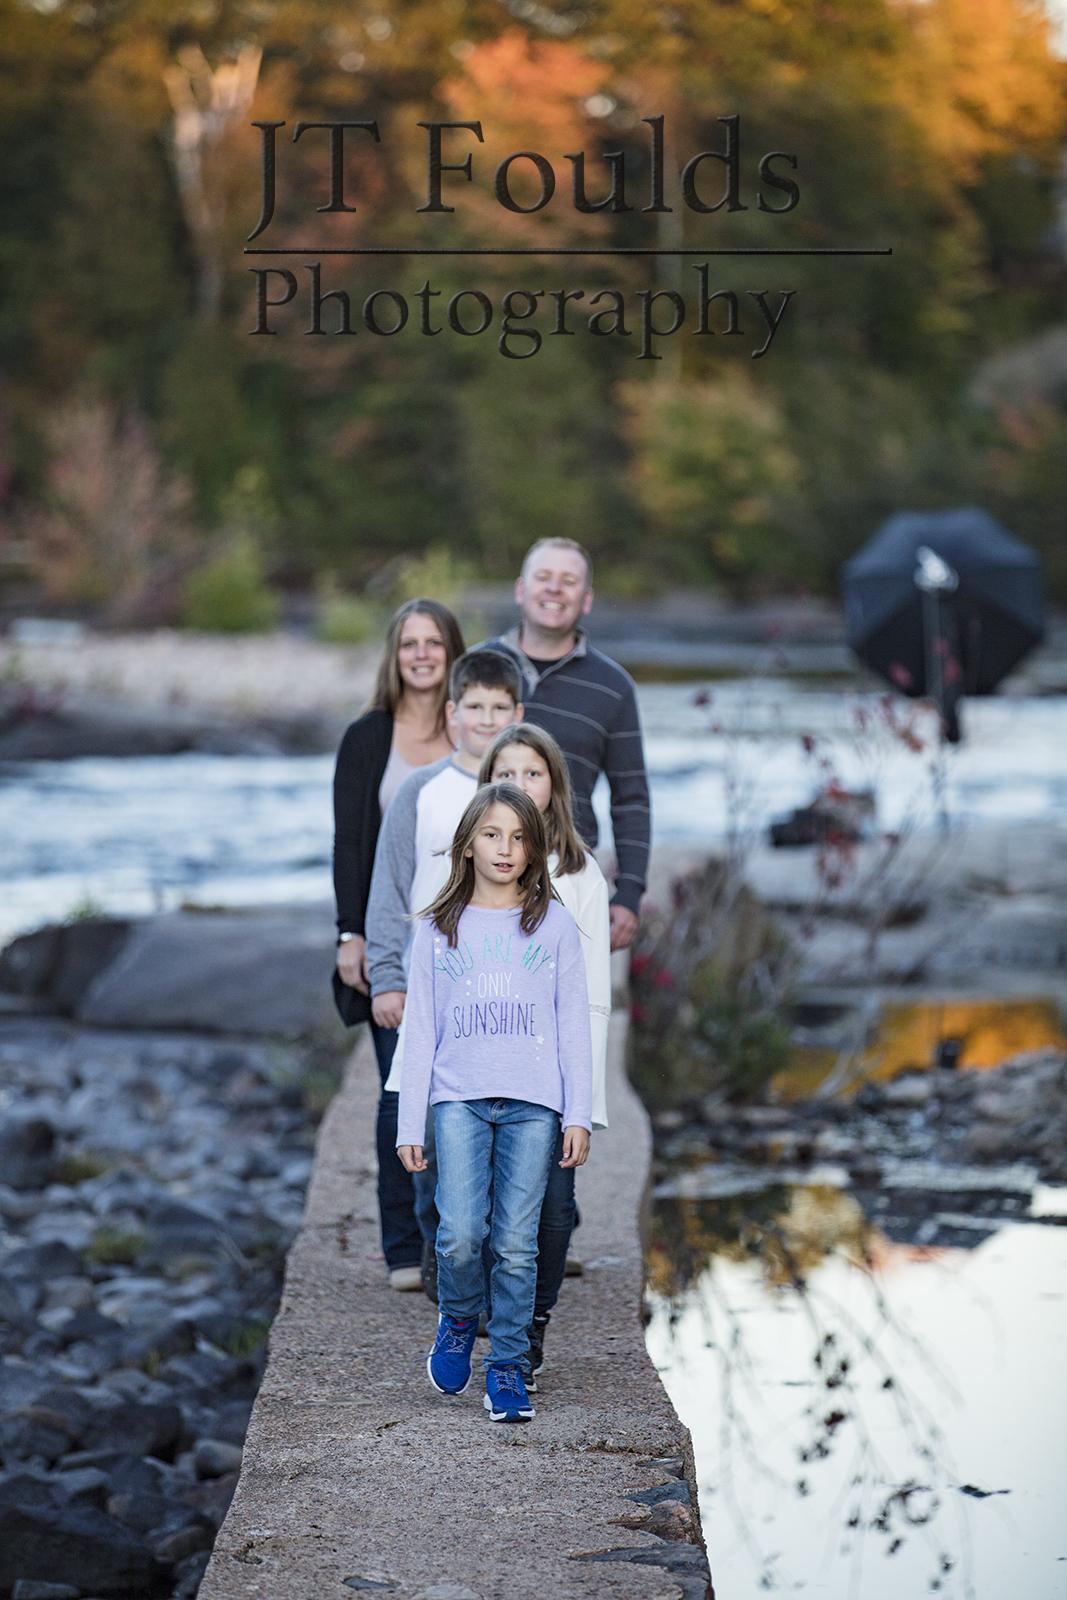 Gilbert & Dafoe Family Shoot - 06 Oct '17 - 035.JPG